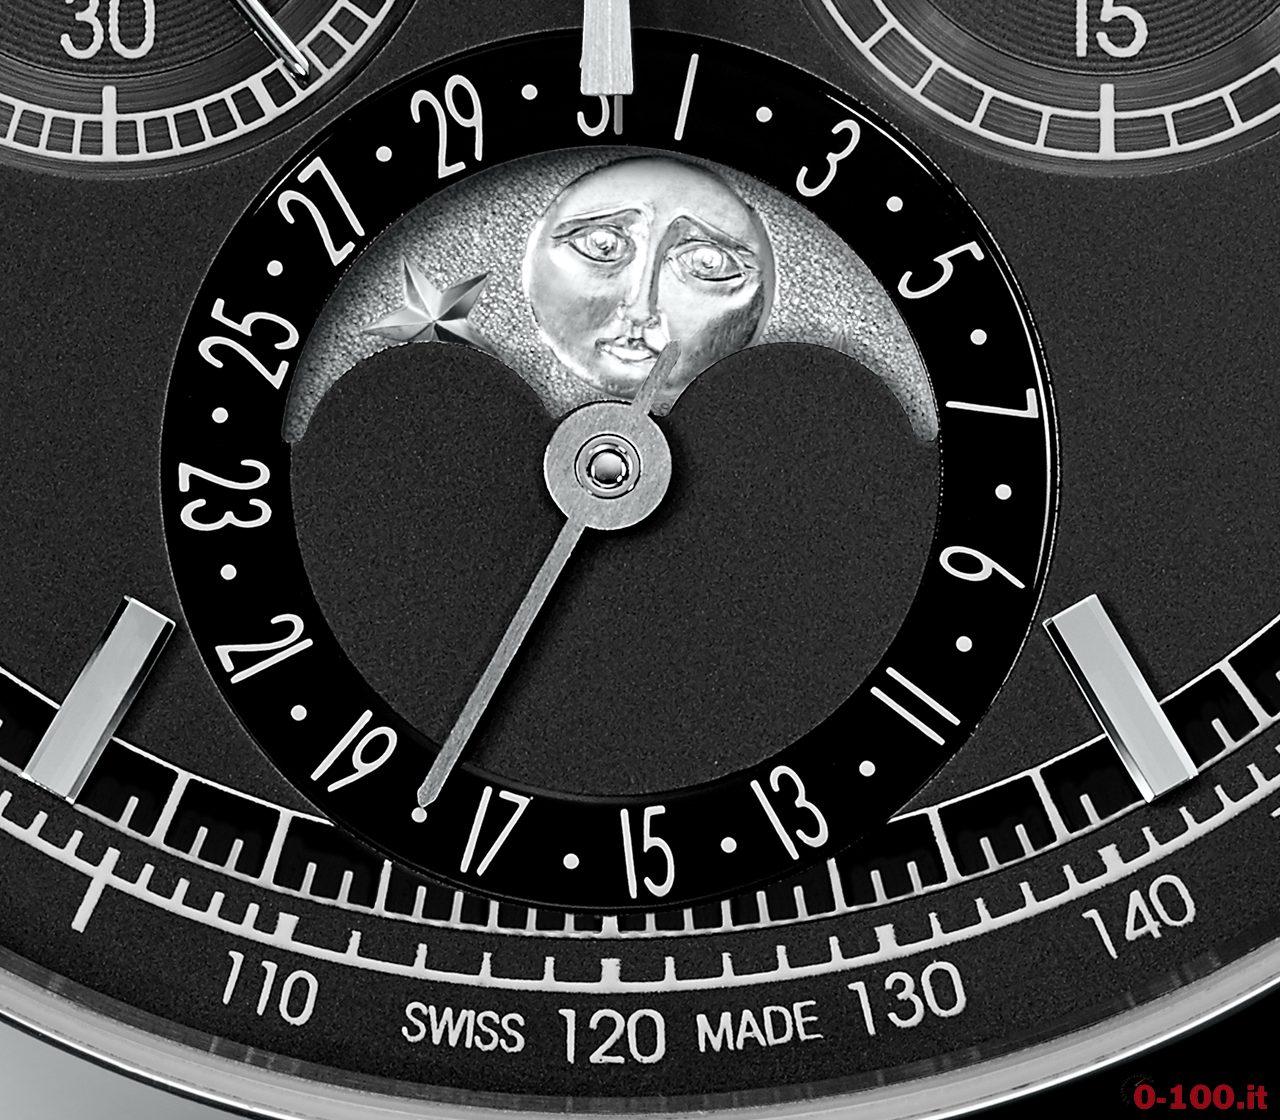 vacheron-constantin-traditionnelle-cronografo-con-calendario-perpetuo-ref-5000t000p-b048-prezzo-price_0-1008